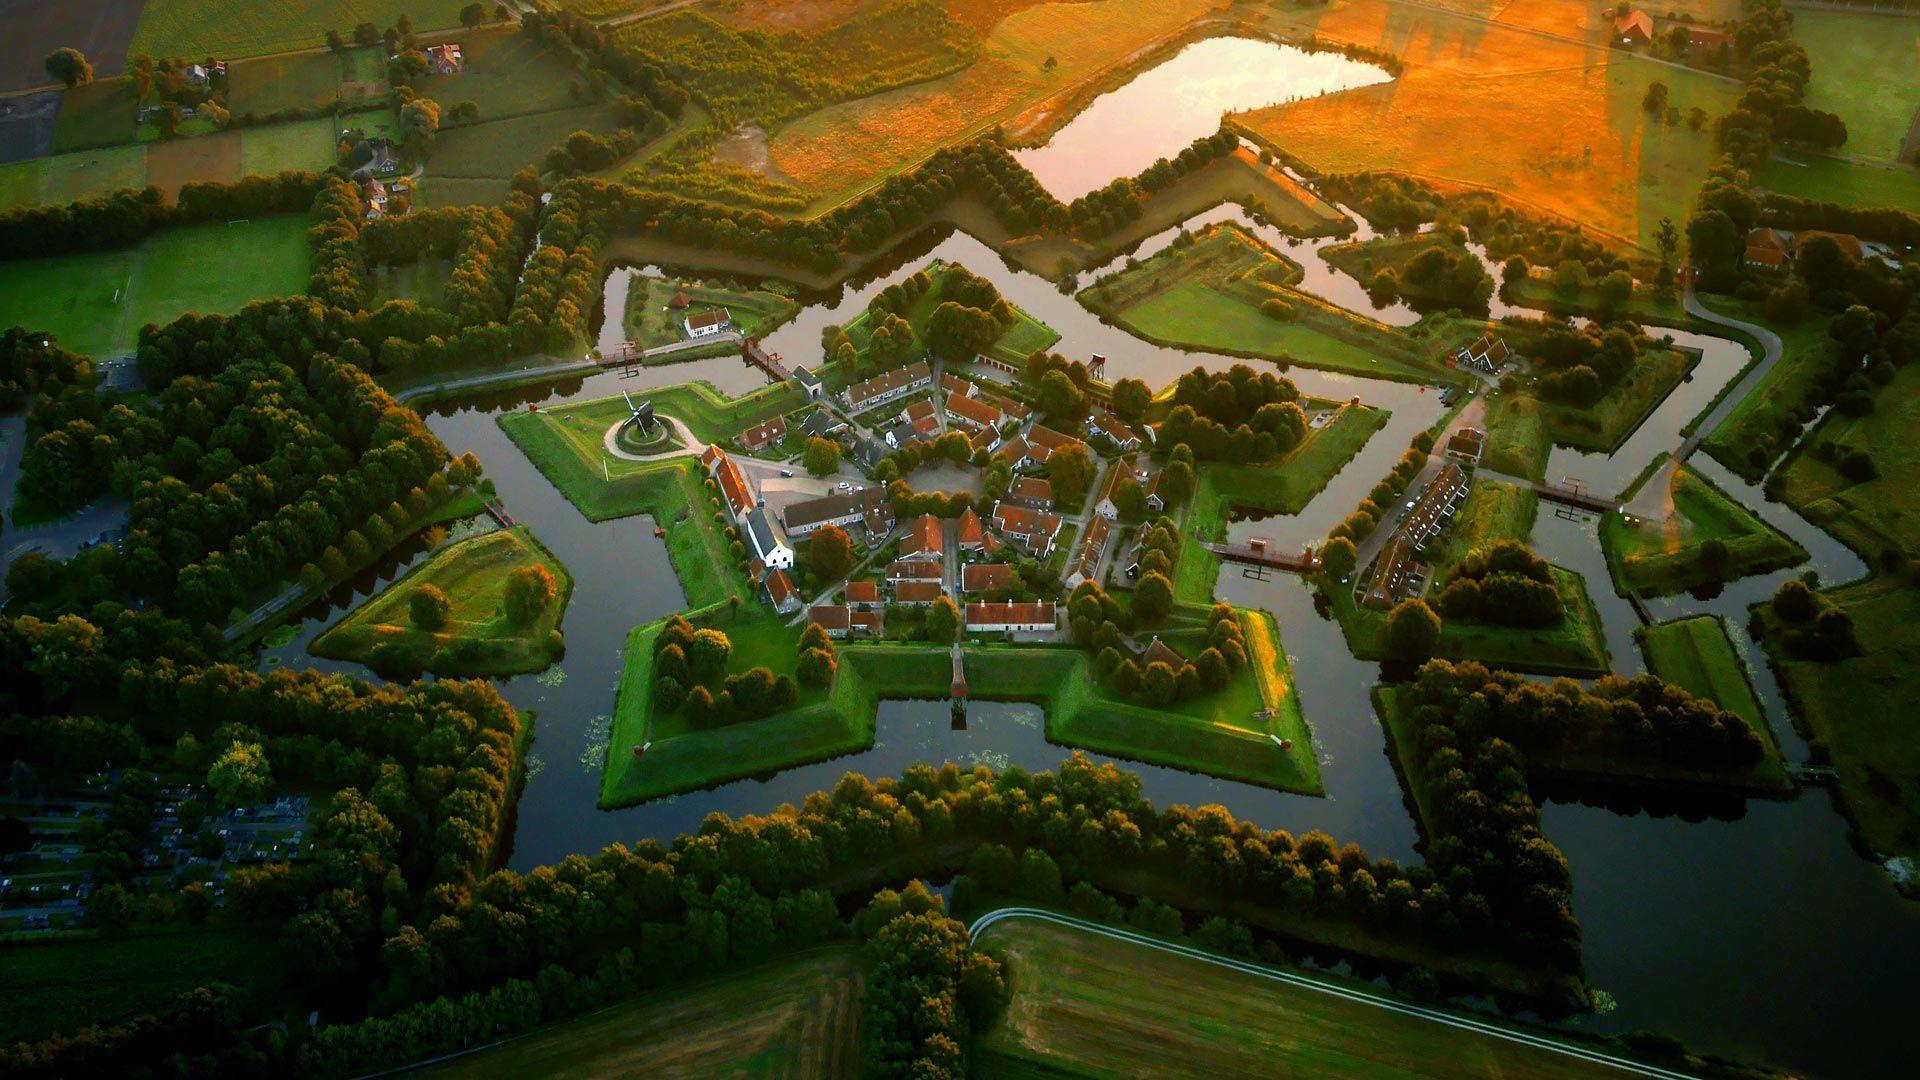 بورتانگ ستاره ای در هلند